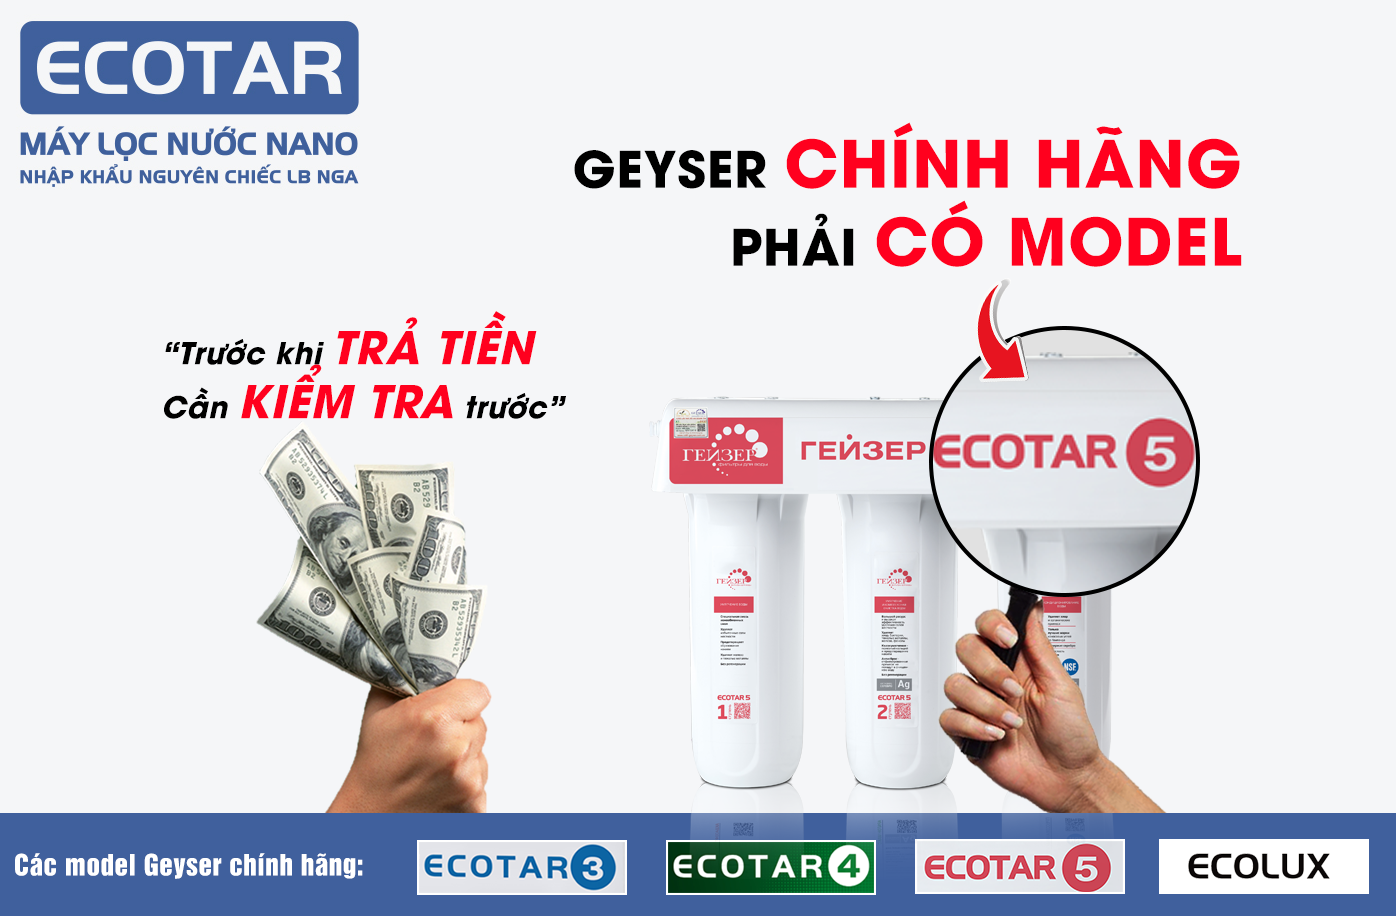 Cách kiểm tra sản phẩm Ecotar 5 chính hãng